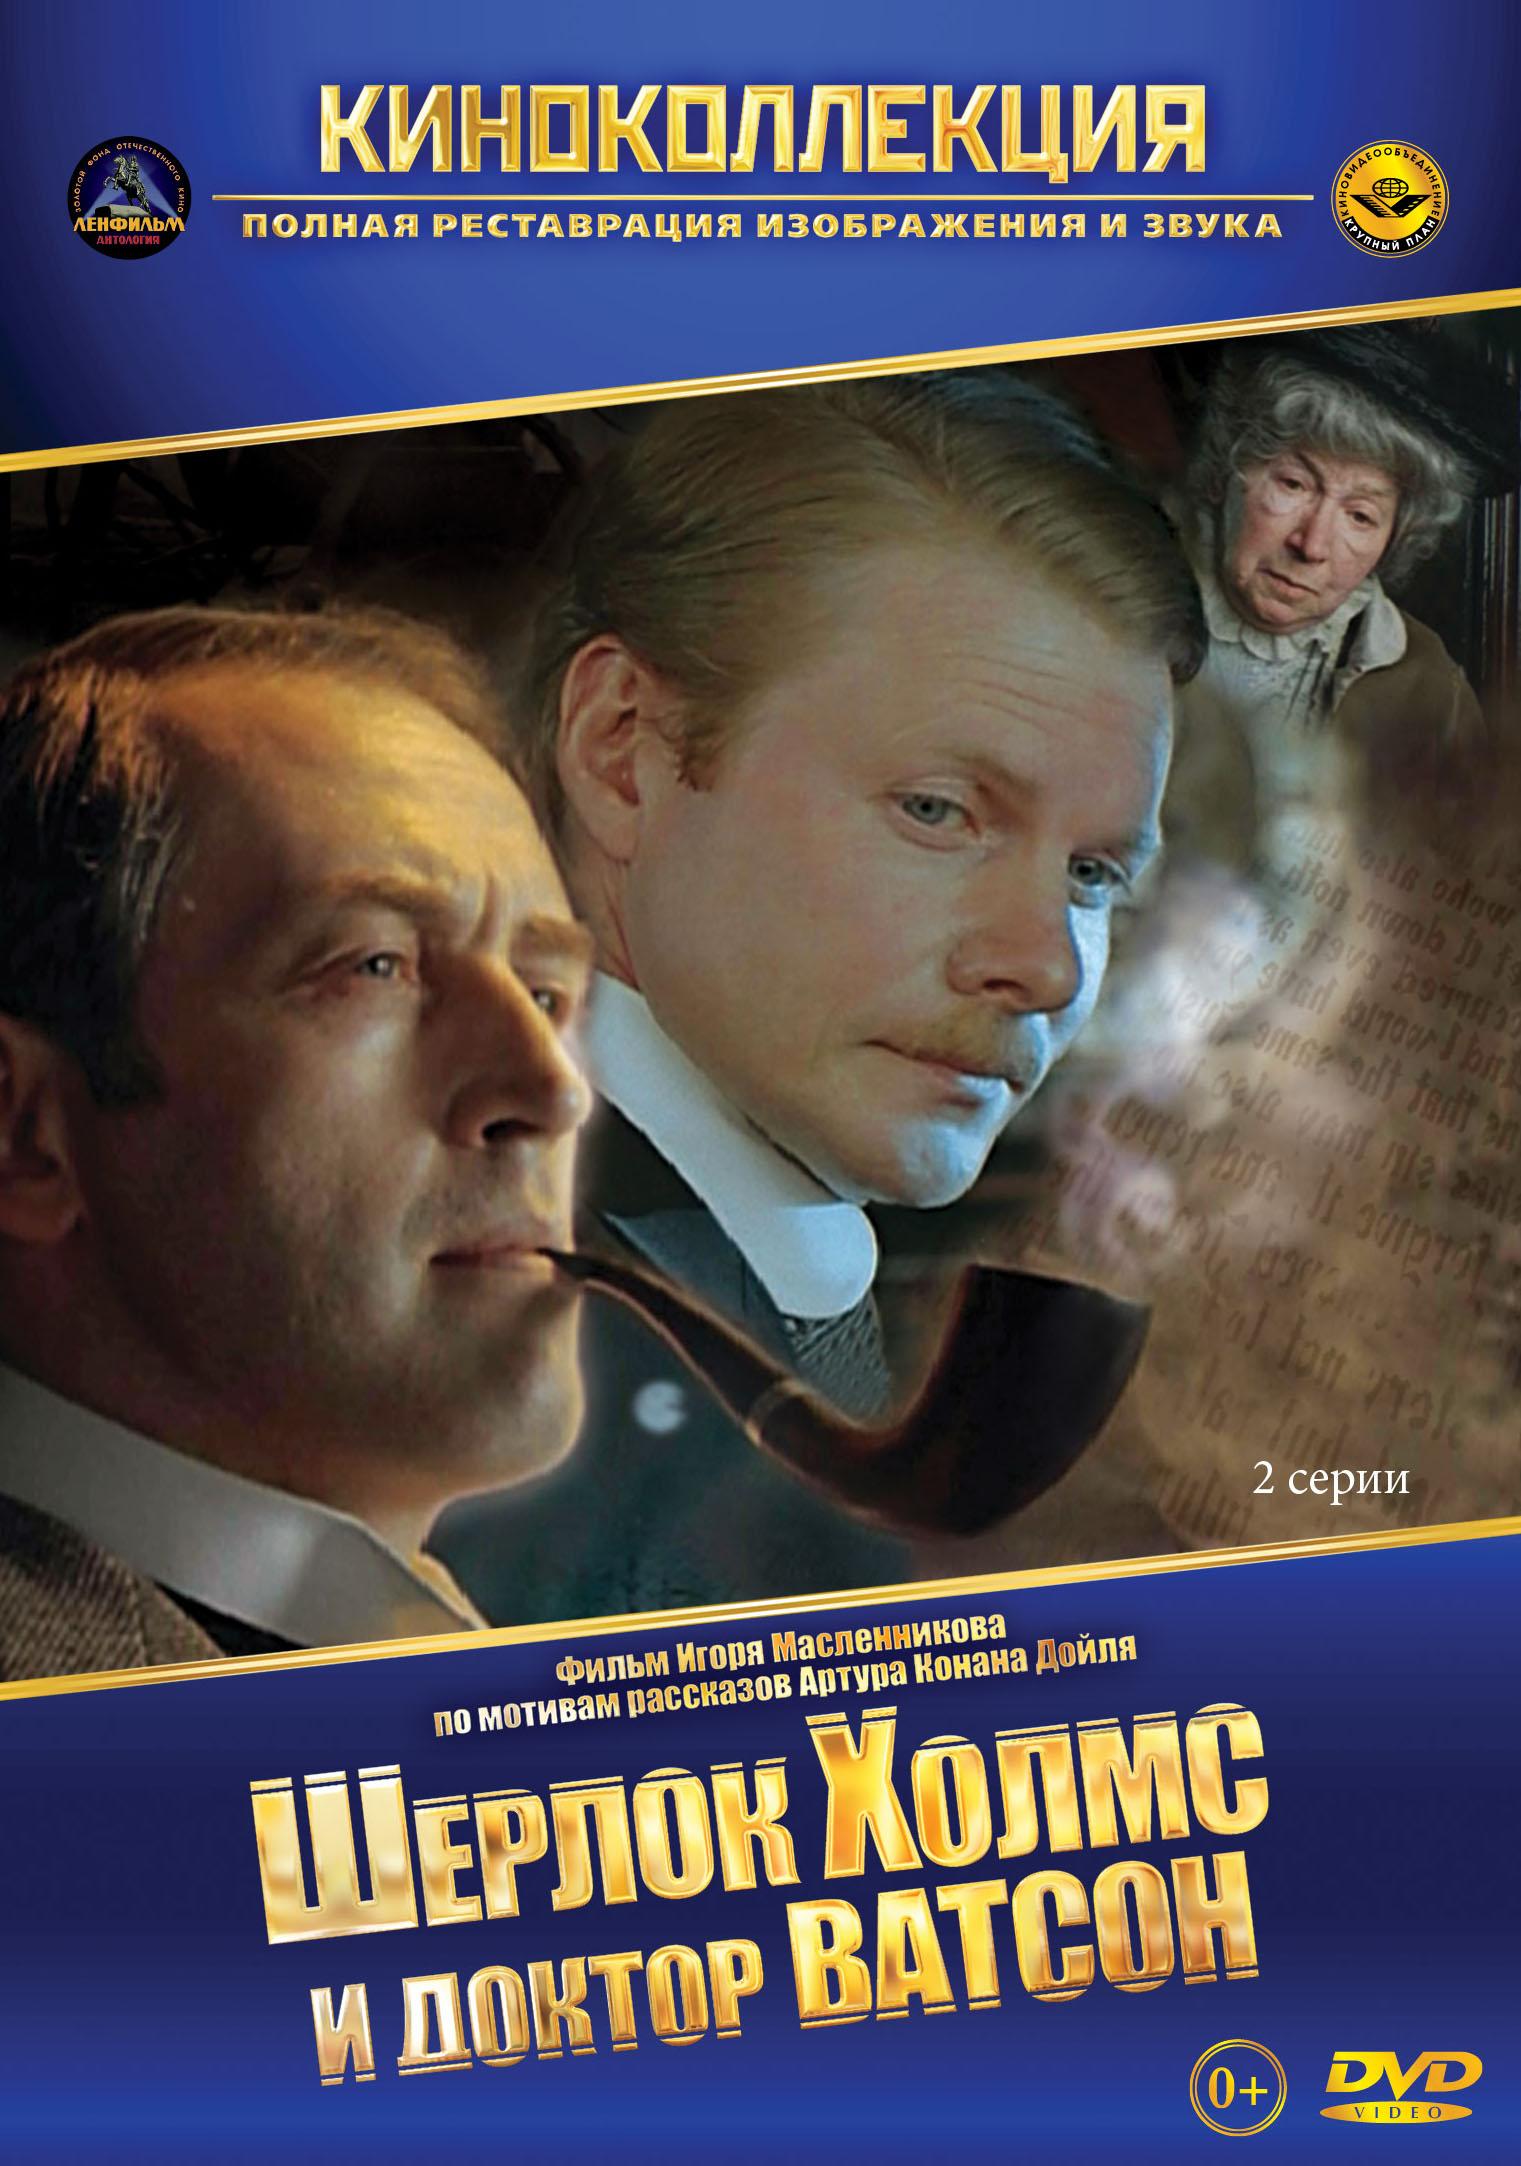 Шерлок холмс и доктор ватсон смотреть онлайн 5 фотография